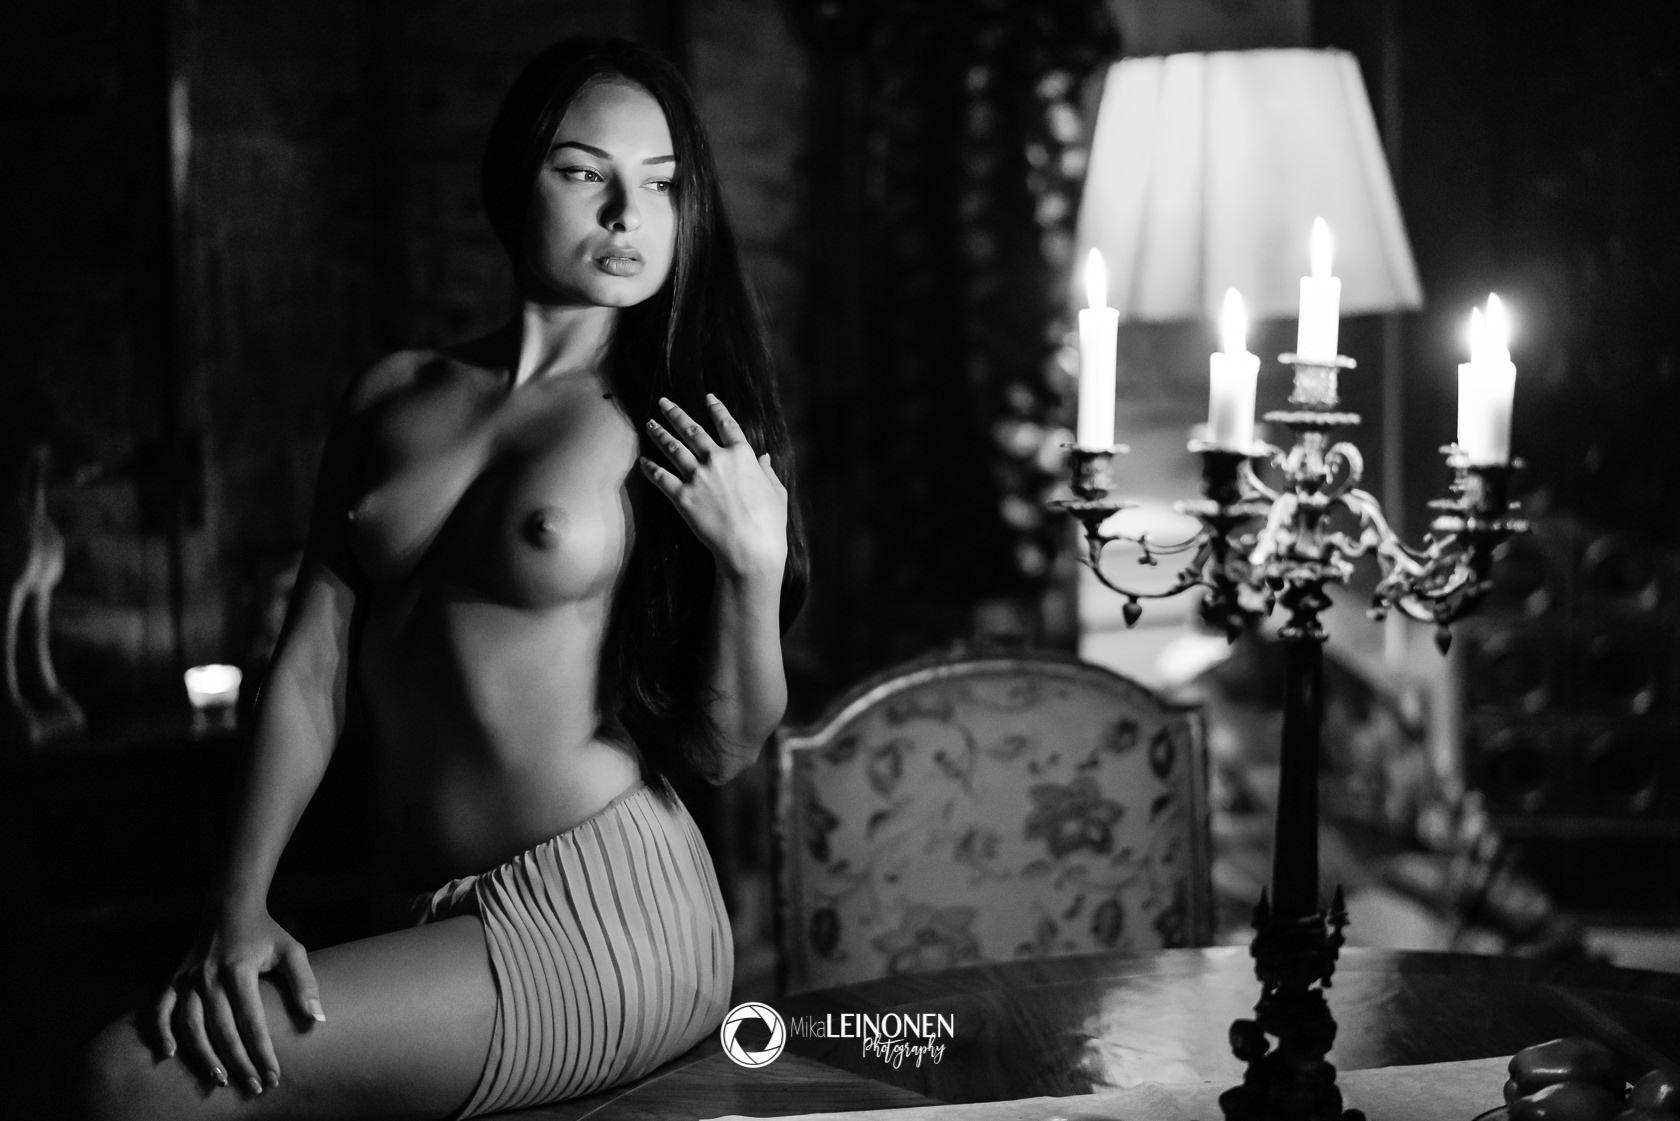 Woman / 2018J131 by Mika Leinonen